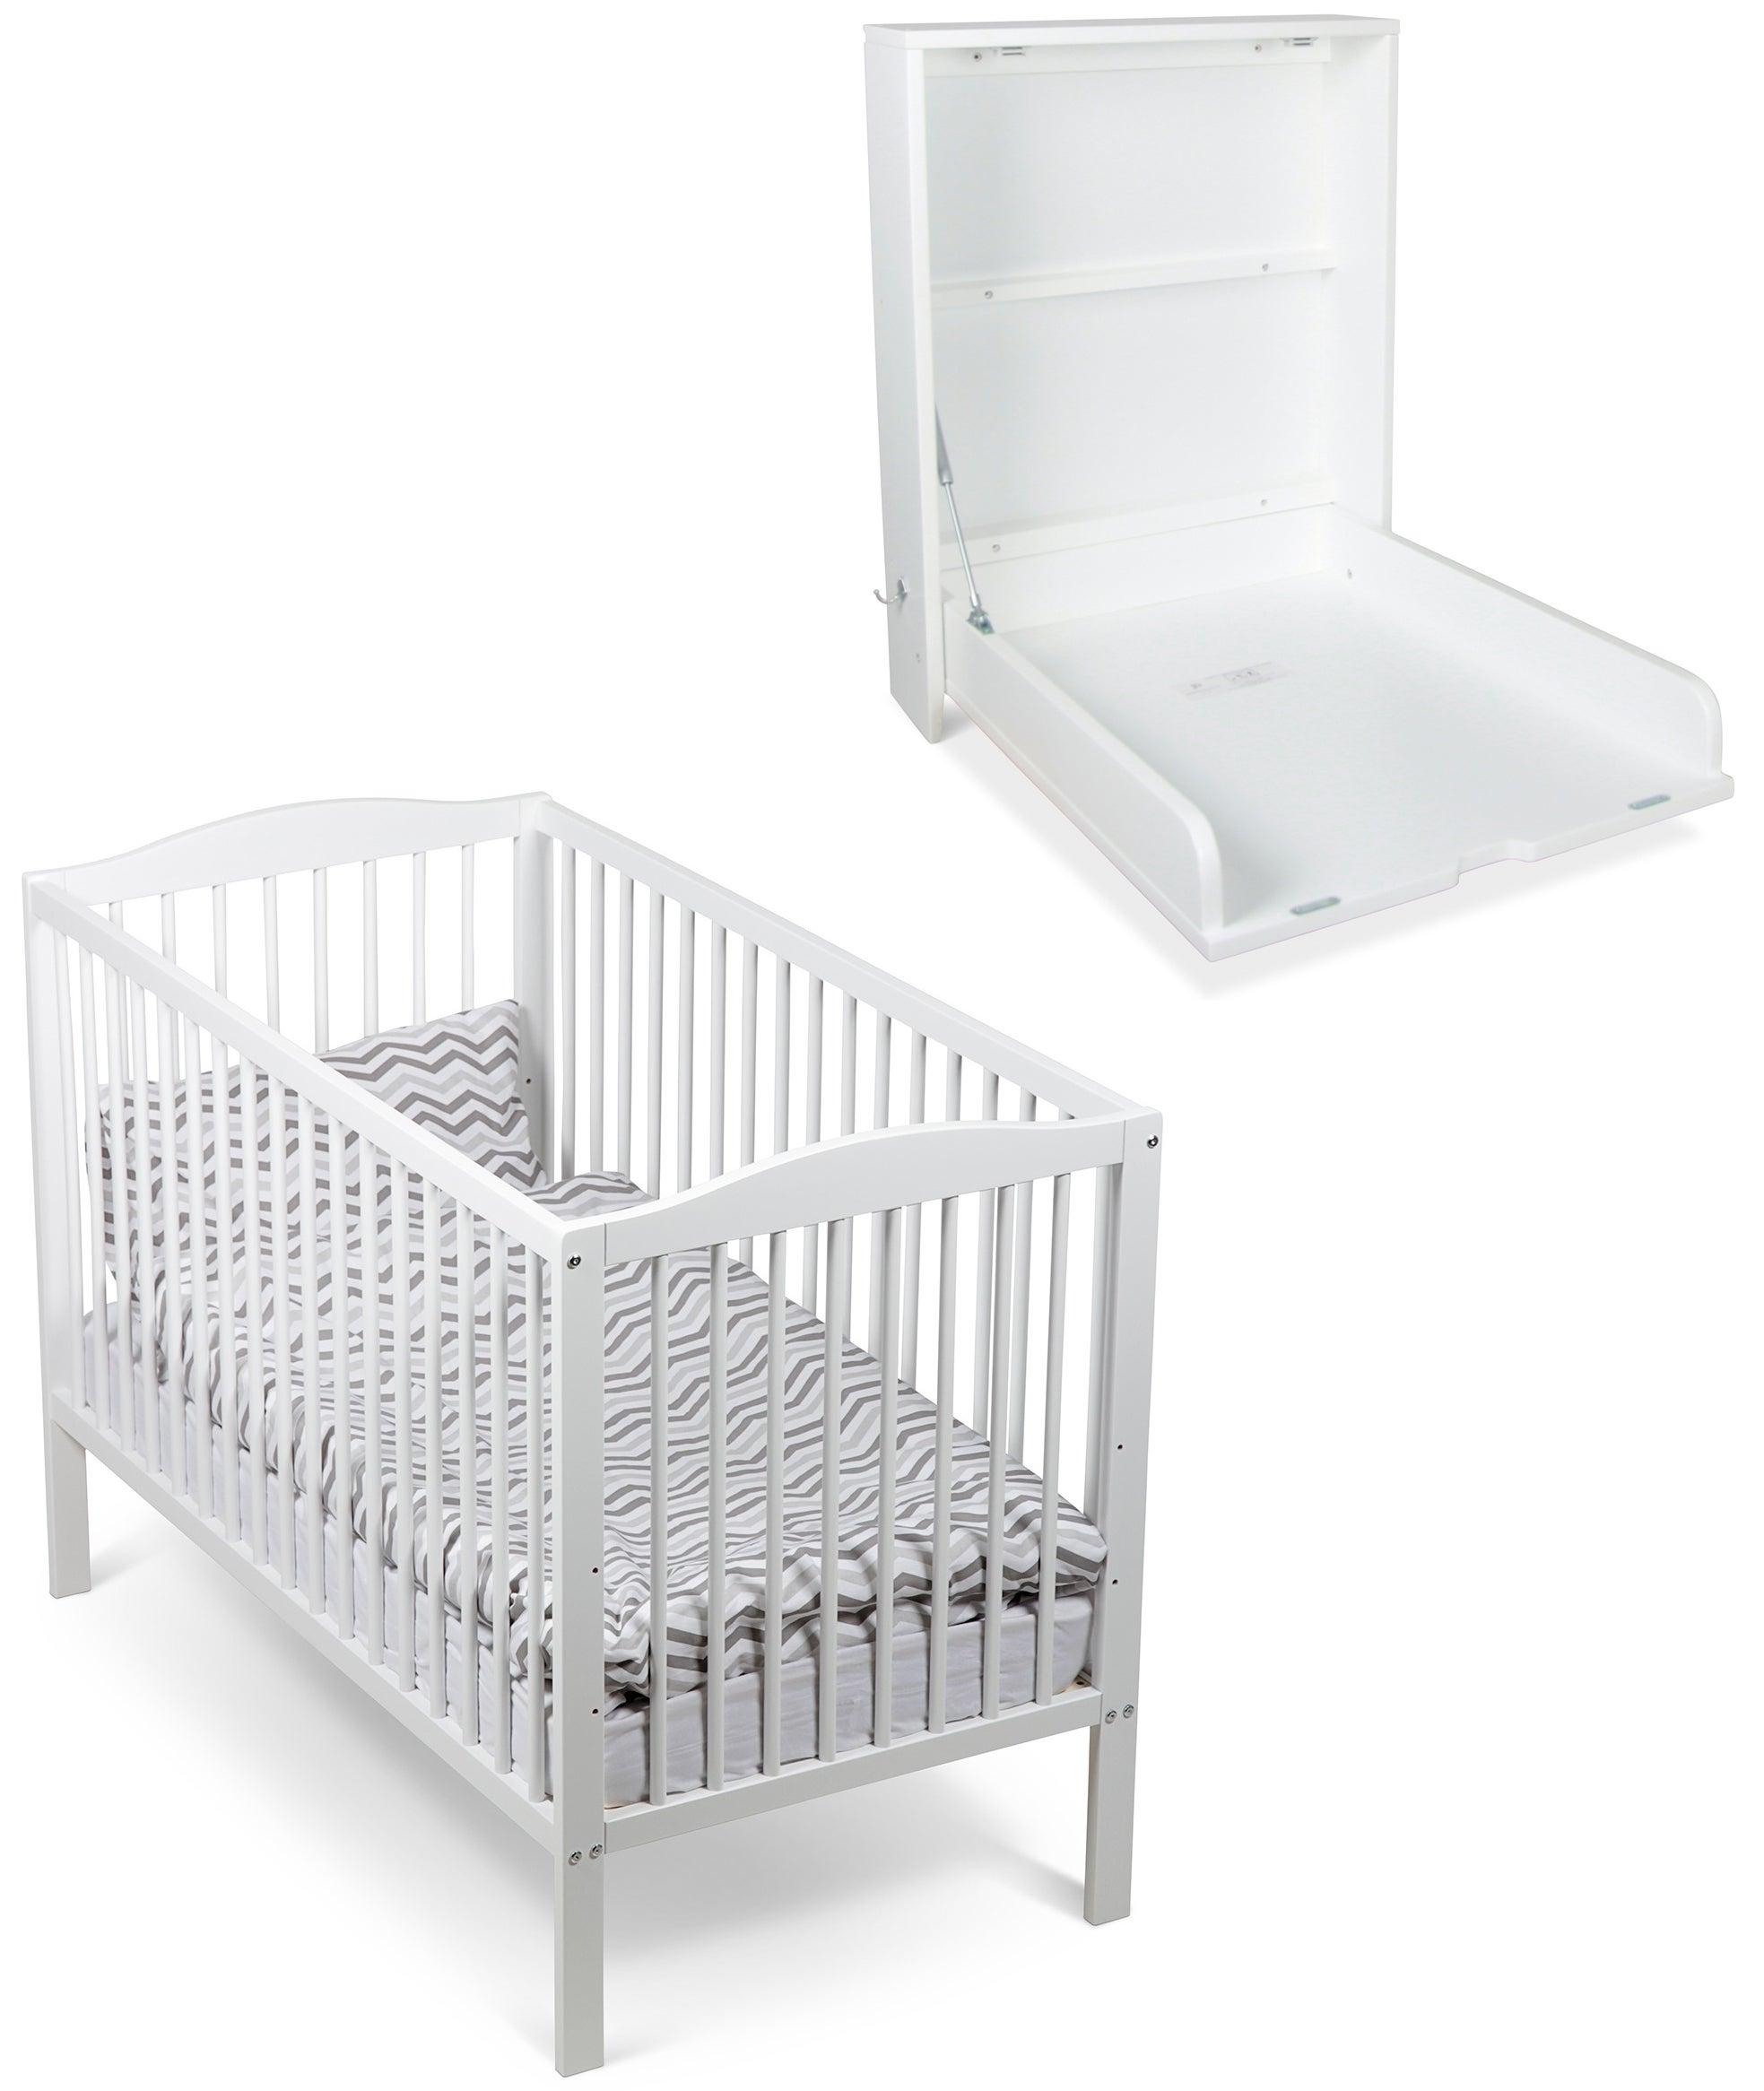 JLY Dream Basic Pinnasänky ja Dream Hoitopöytä Seinälle, Valkoinen